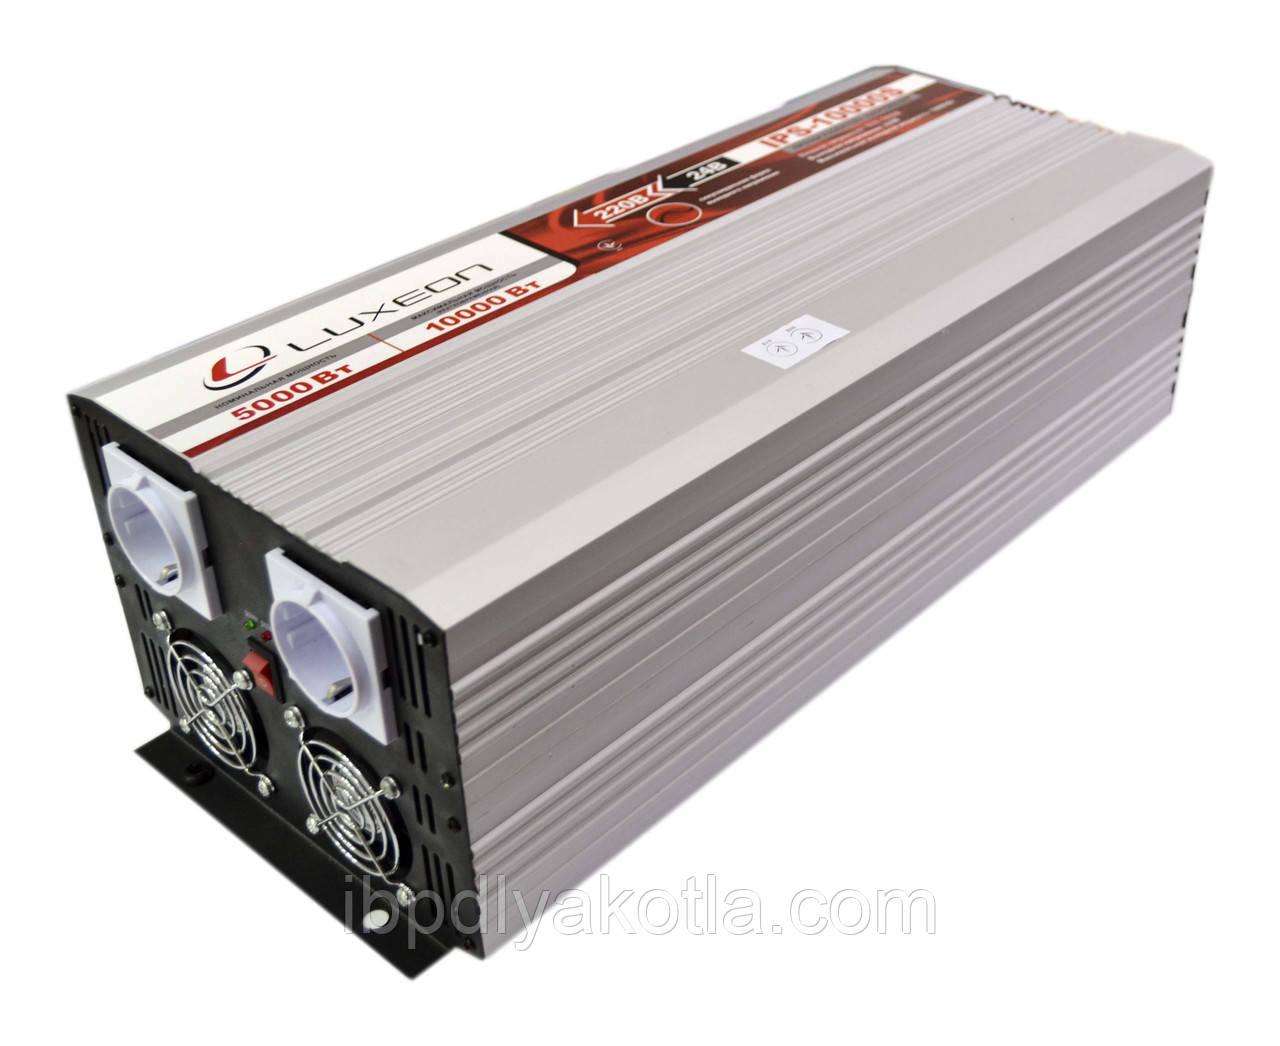 Luxeon IPS-10000S